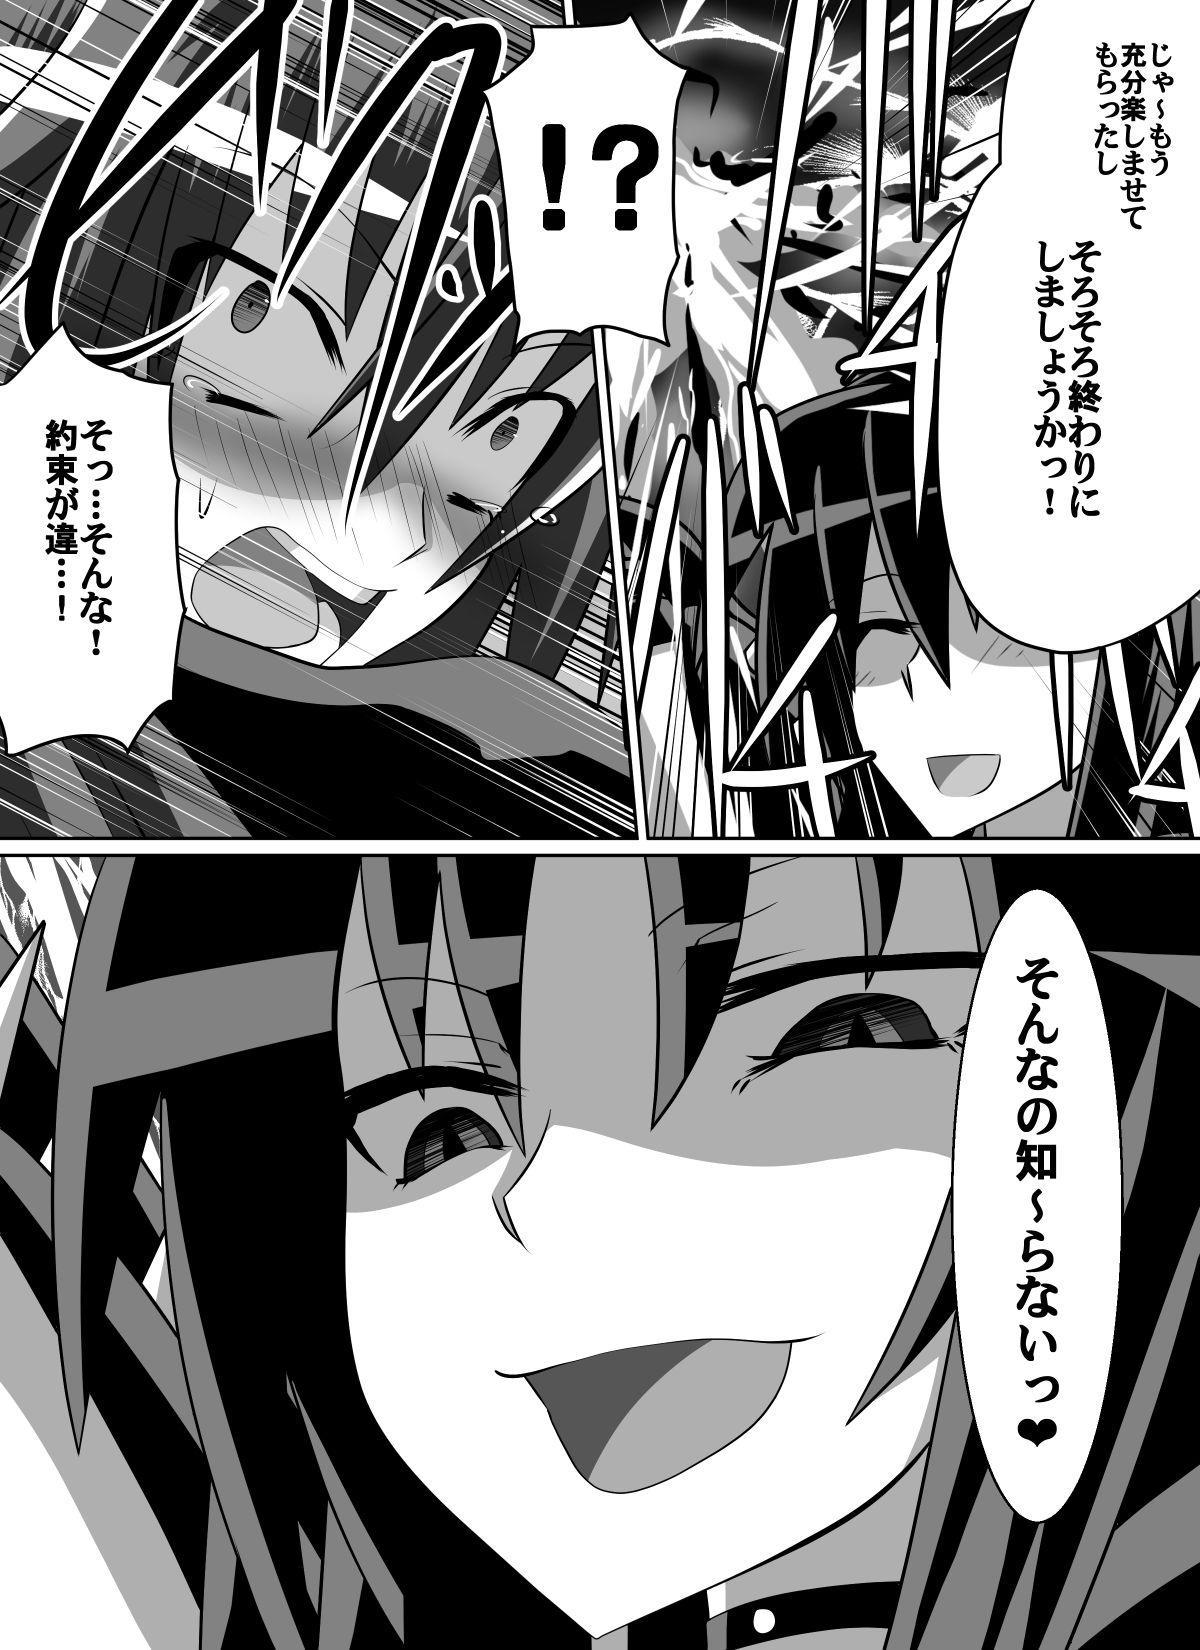 Benigami no Messatsuki ~Teki Onna ni Juurin Sareru Kouketsu Shoujo 22